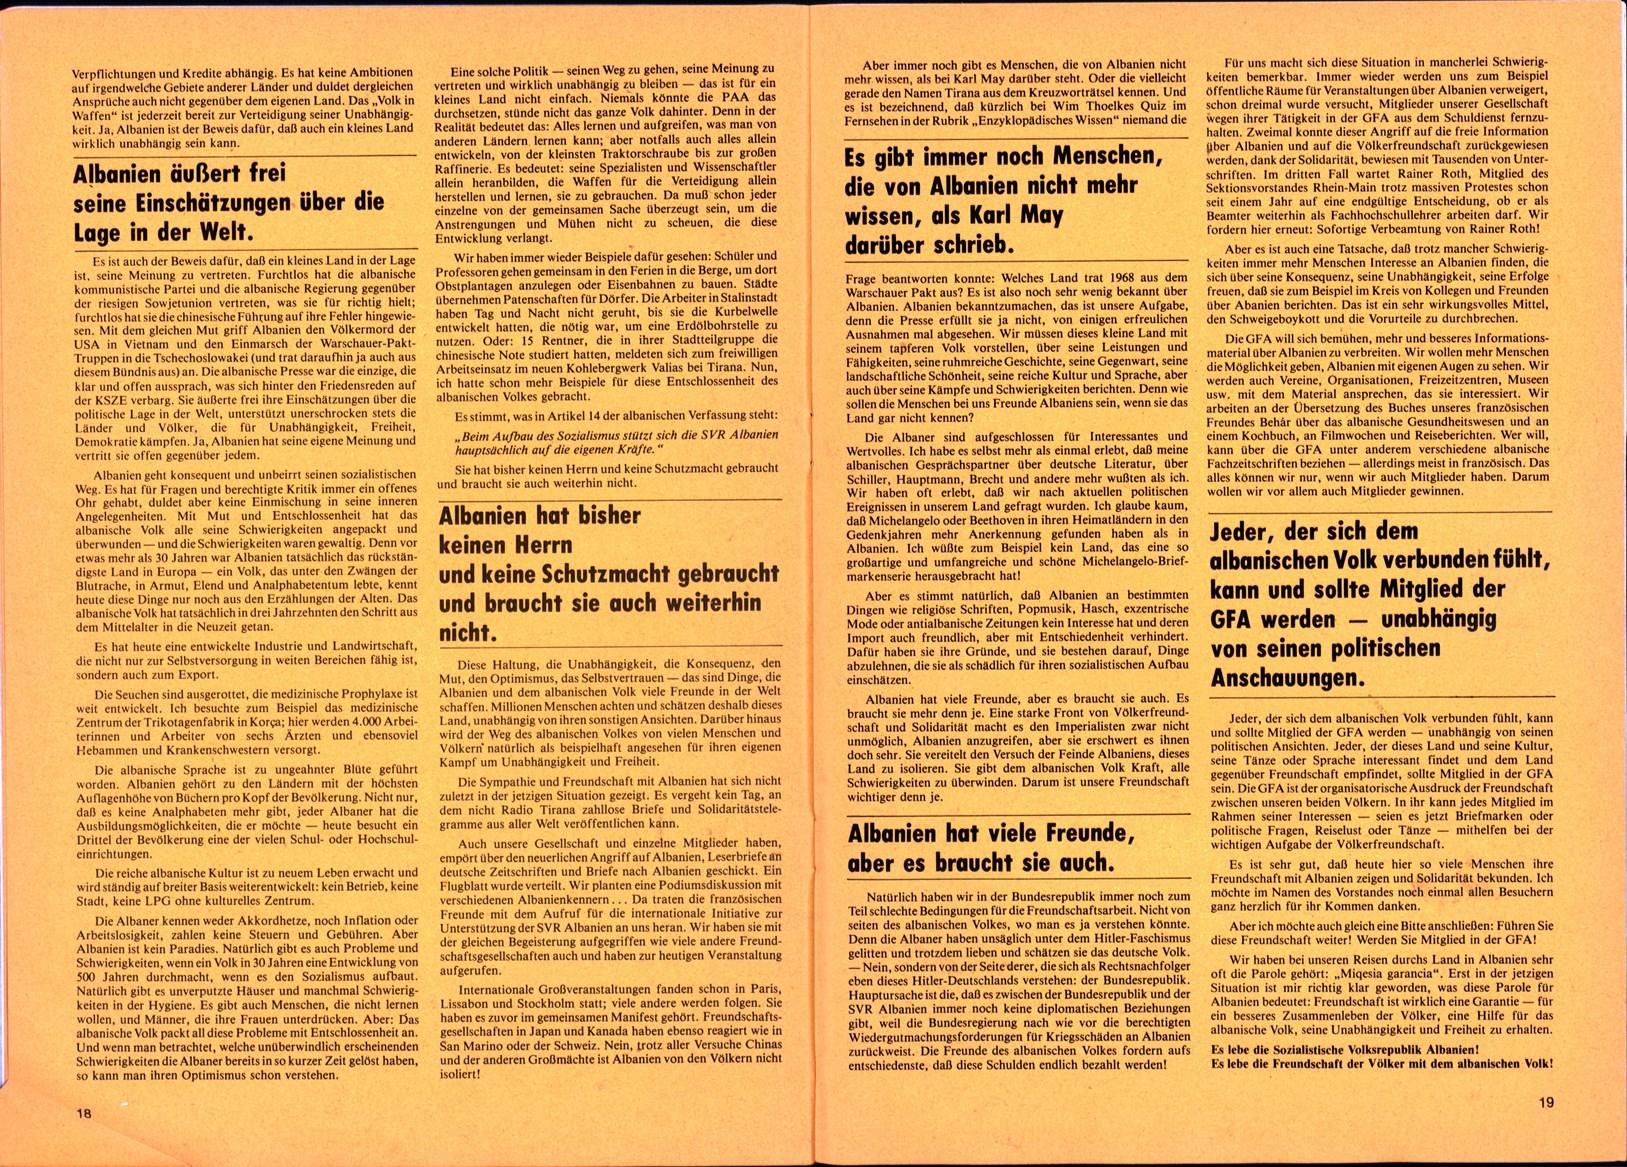 GFA_Albanische_Hefte_1978_03_10